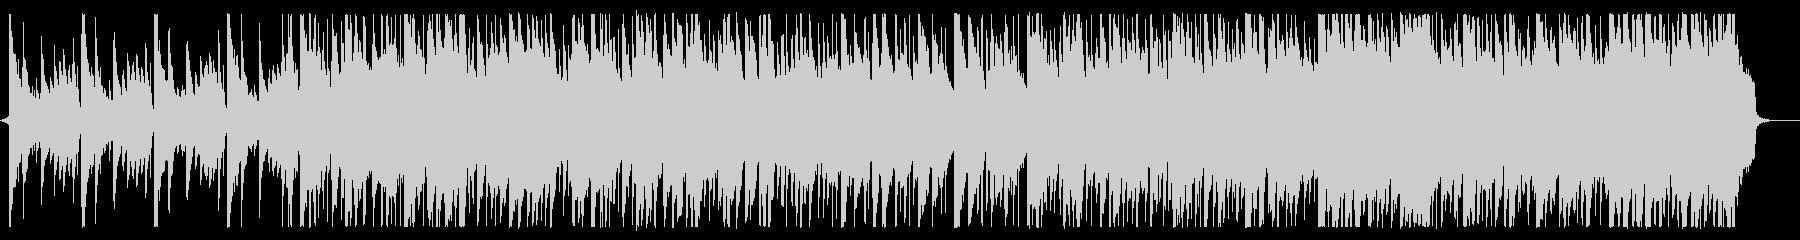 爽やかなピアノ主体のオープニング曲の未再生の波形